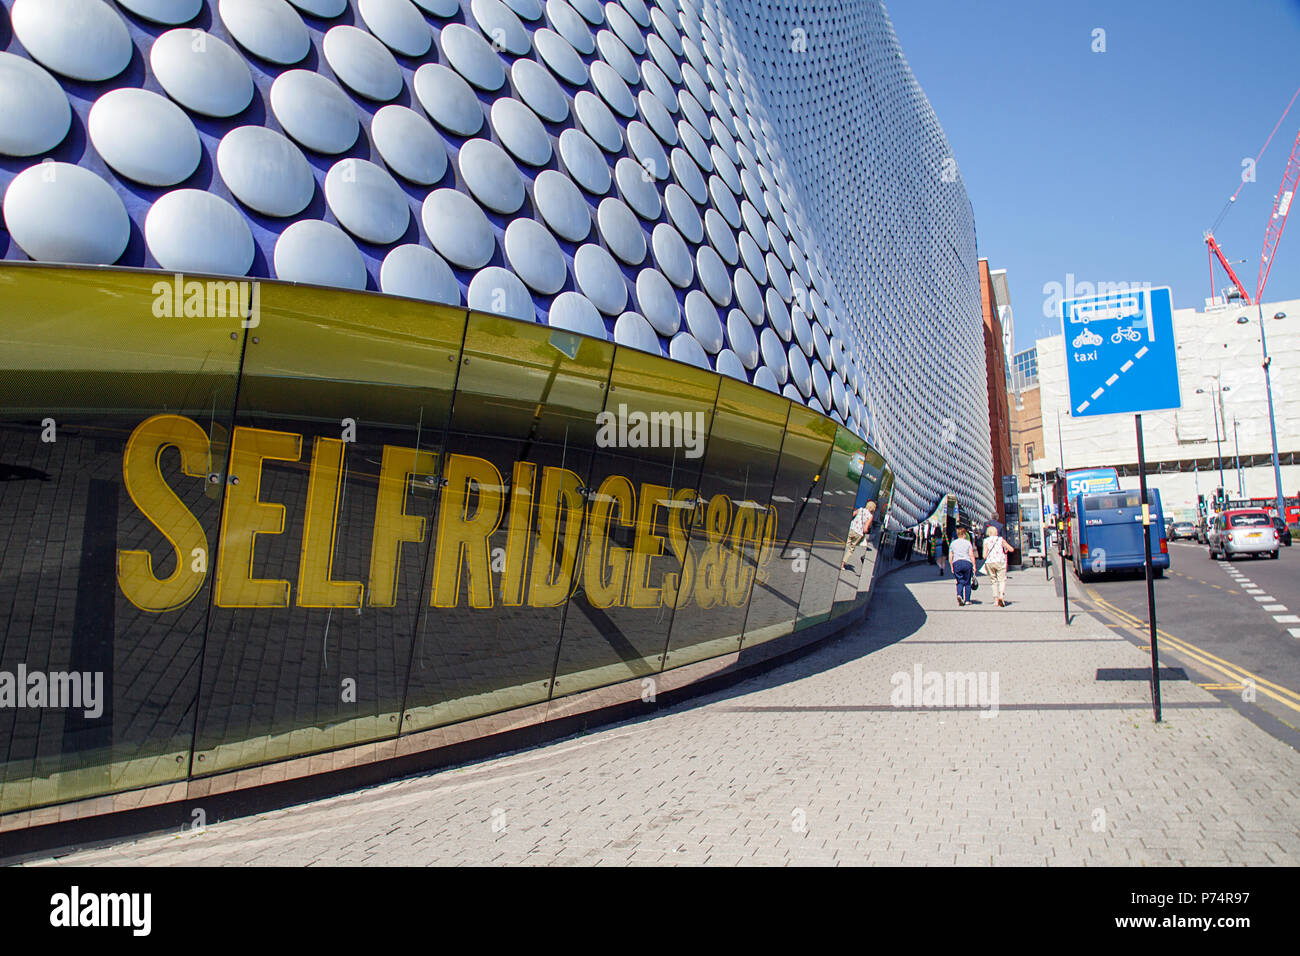 Birmingham, UK: 29 Juin 2018: grand magasin Selfridges à Park Street - partie de la centre commercial Bullring. Les piétons marcher vers l'arrêt de bus Photo Stock